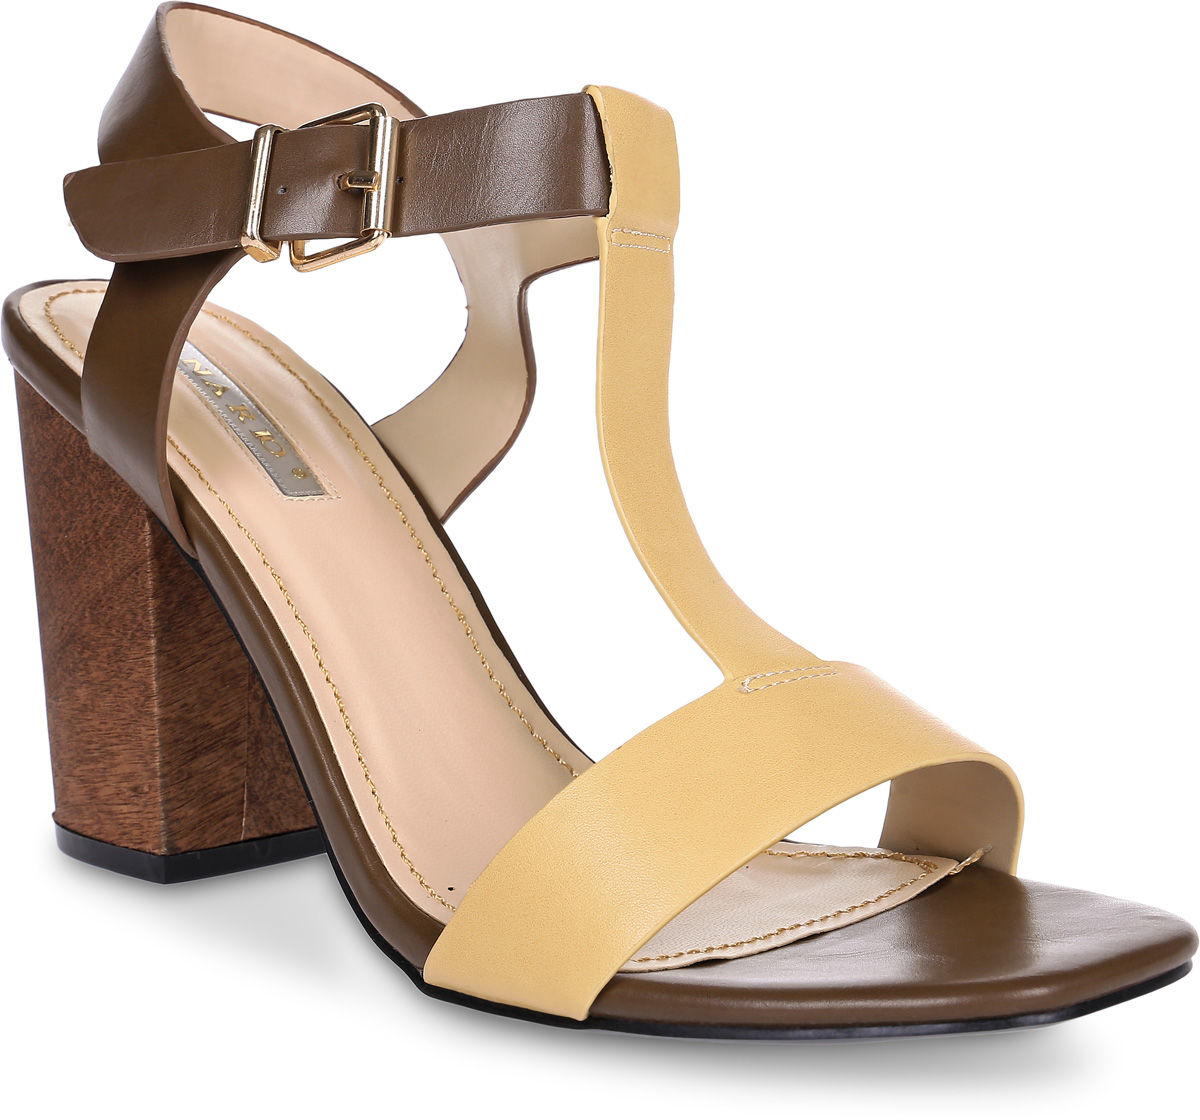 Босоножки Inario, цвет: коричневый, бежевый. 17044-02-18. Размер 3617044-02-18Босоножки Inario выполнены из искусственной кожи. Модель фиксируется на ноге при помощи ремешка на пряжке. Внутренняя поверхность и стелька из искусственной кожи создают комфорт при движении. Подошва выполнена из прочного полимерного материала. Модель имеет устойчивый каблук-столбик с декором под дерево.